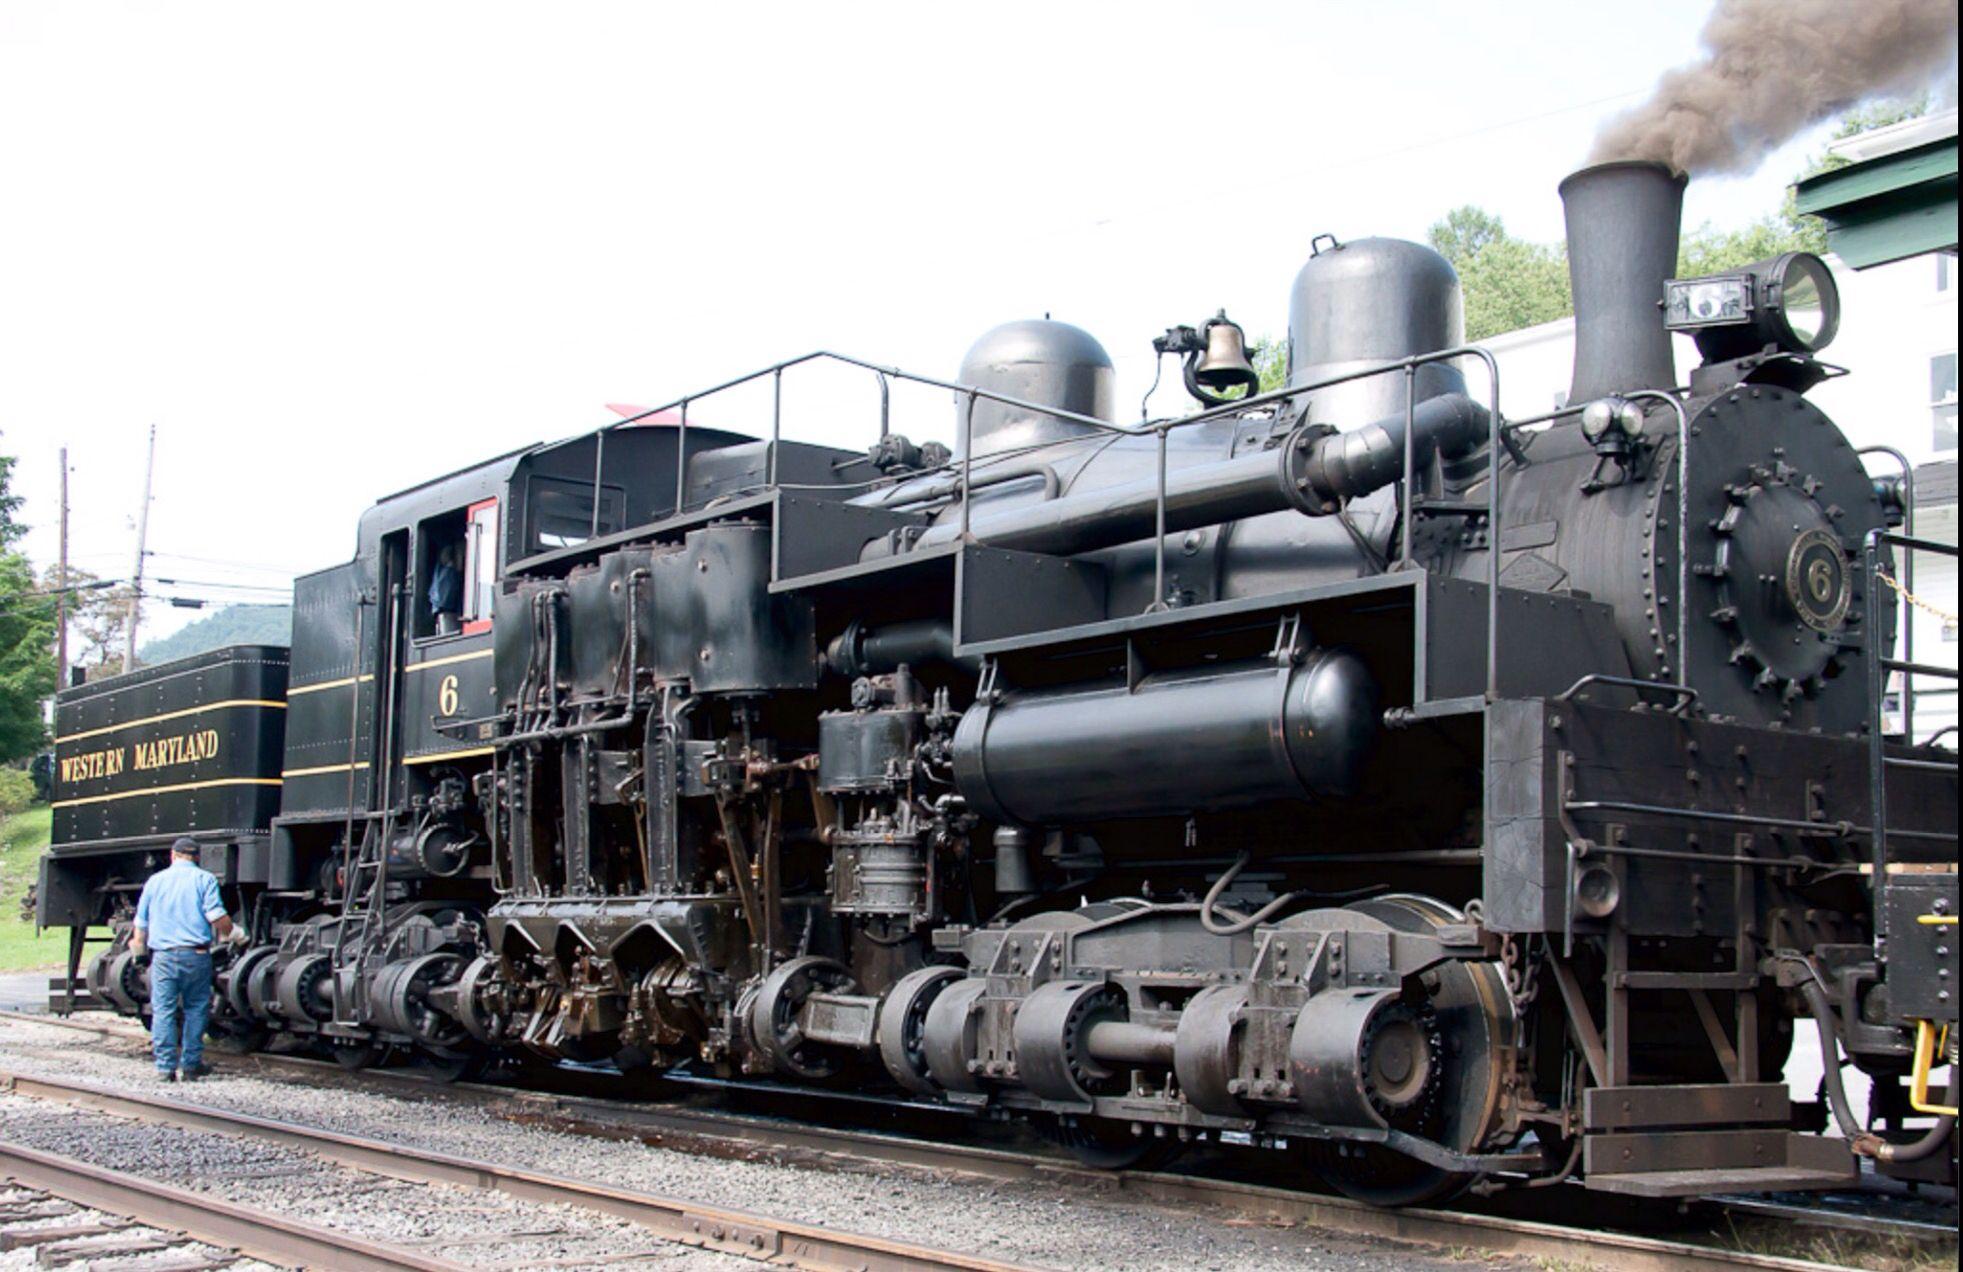 того, картинки паровозы шея локомотив мне